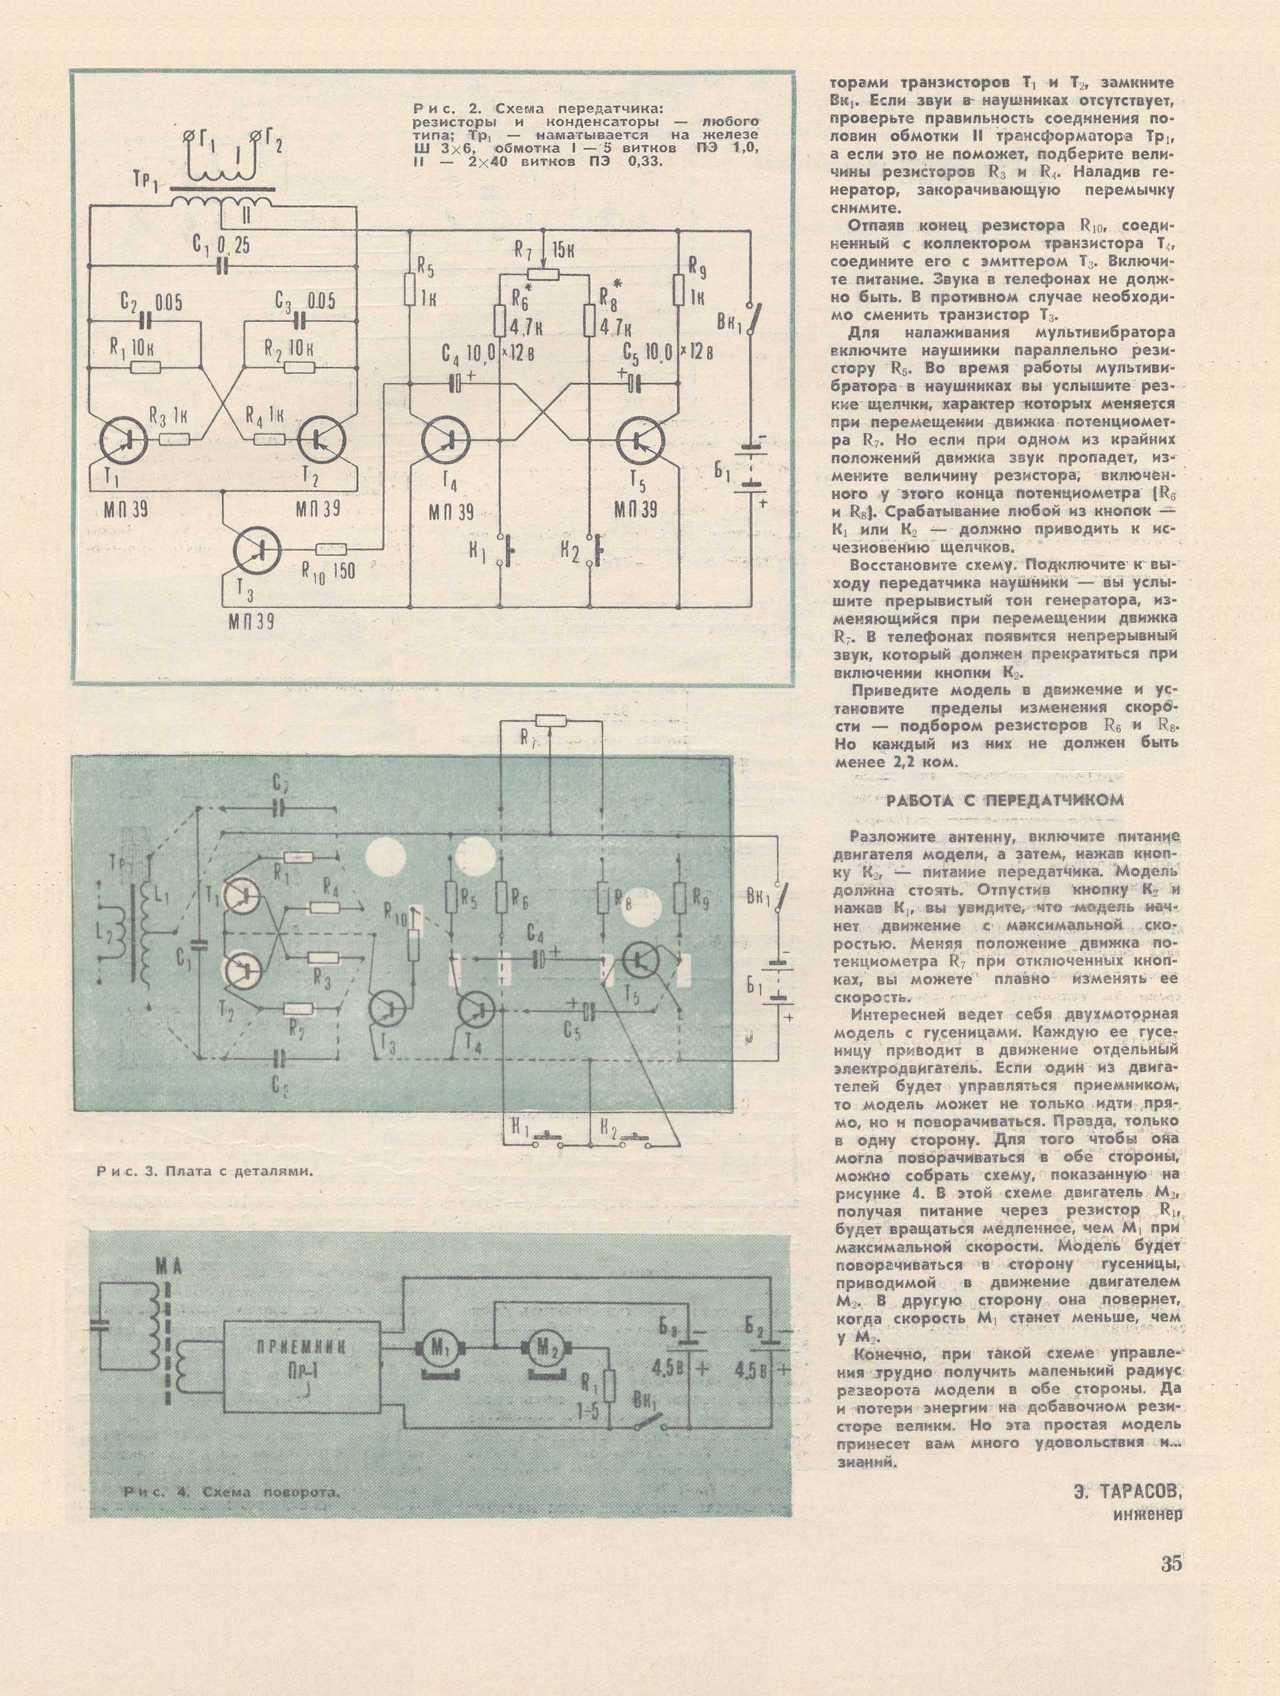 Электрическая схема абонентского громкоговорителя